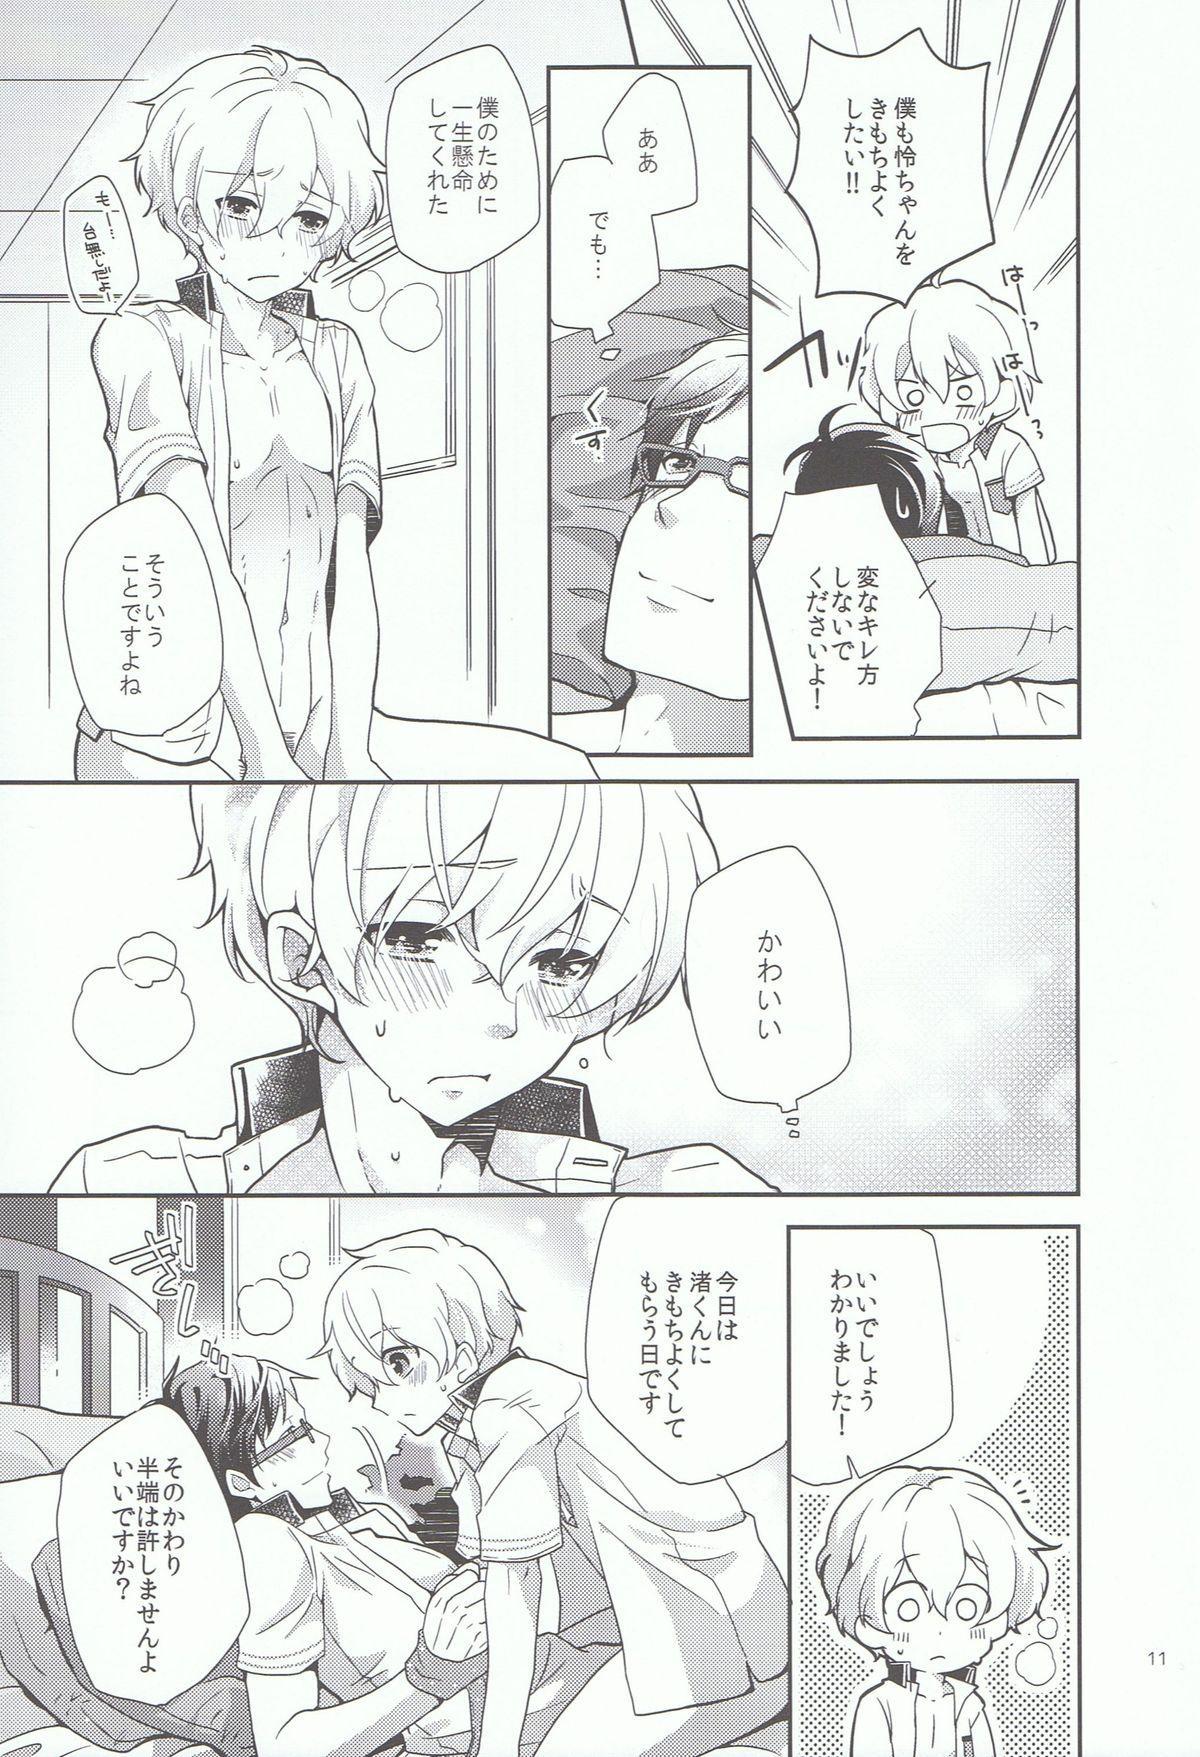 Kimi to Issho nara Itsudemo Kimochi ga Ii. 9